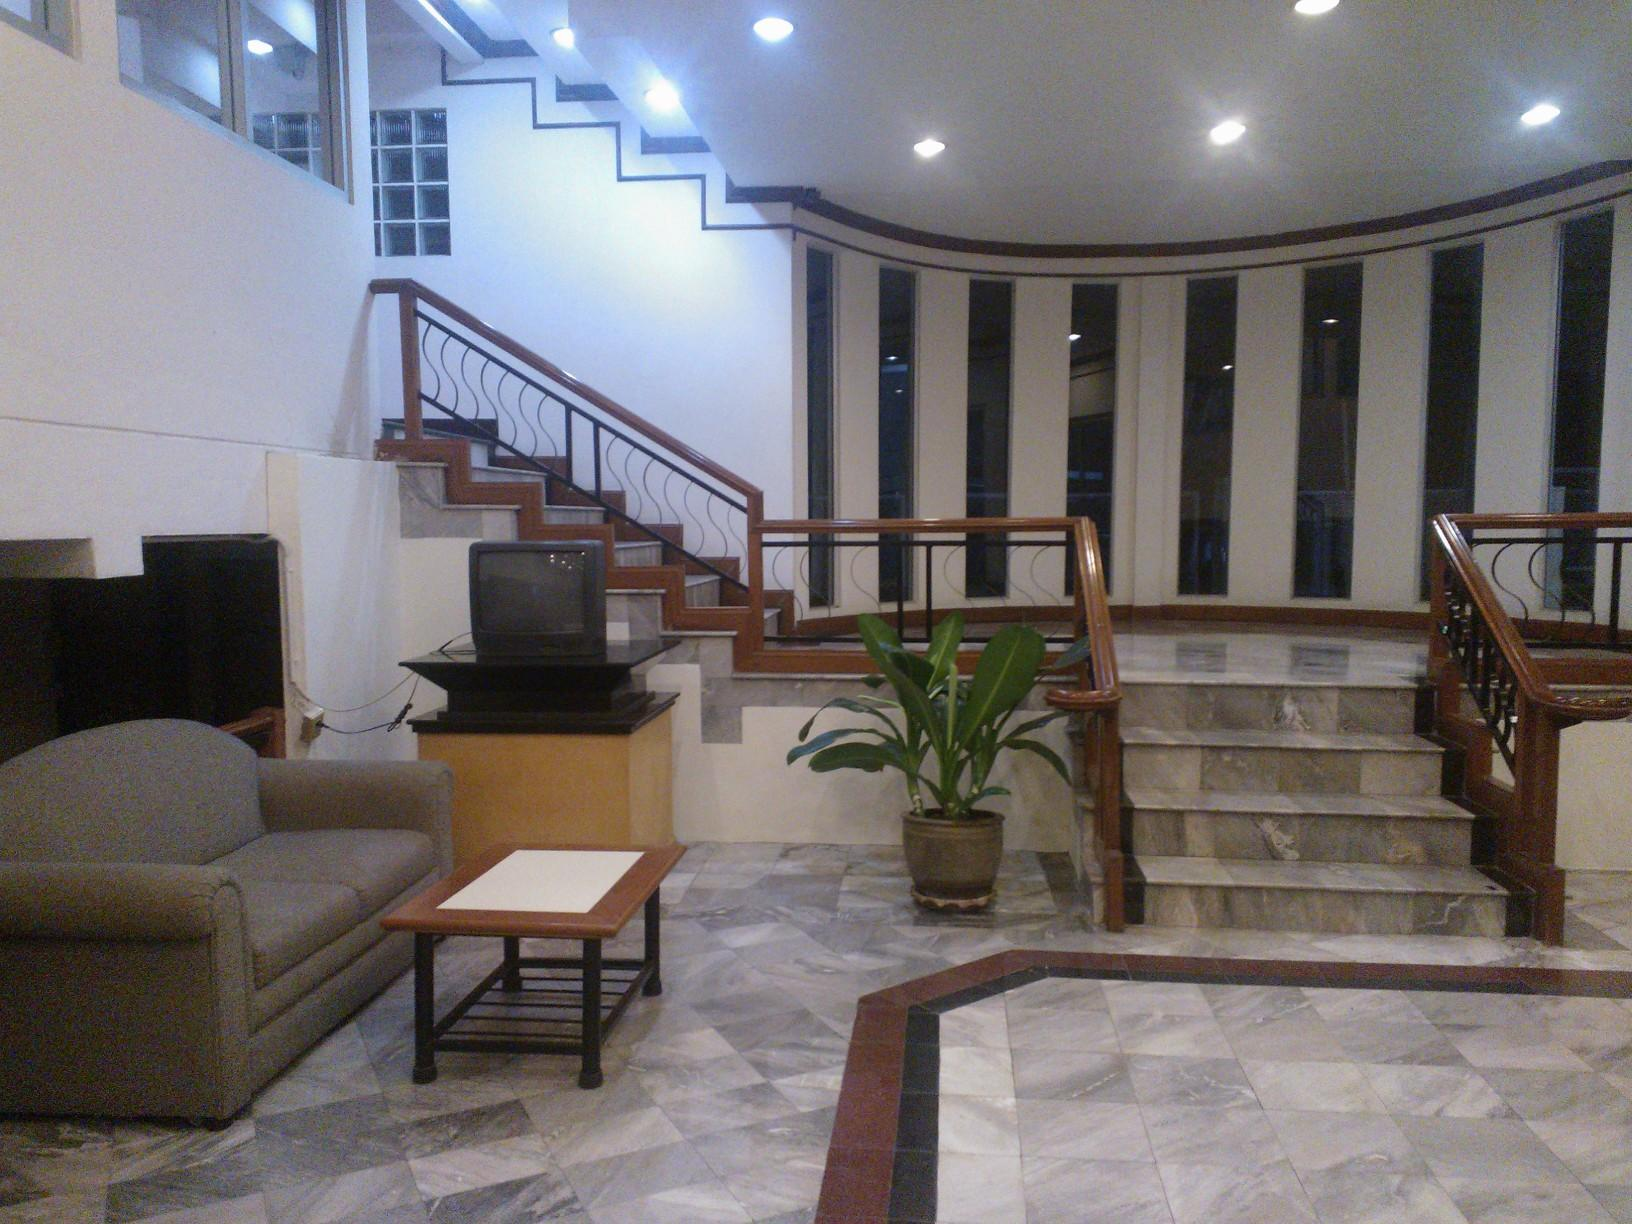 Hotell Golden House Service Apartment i , Rayong. Klicka för att läsa mer och skicka bokningsförfrågan